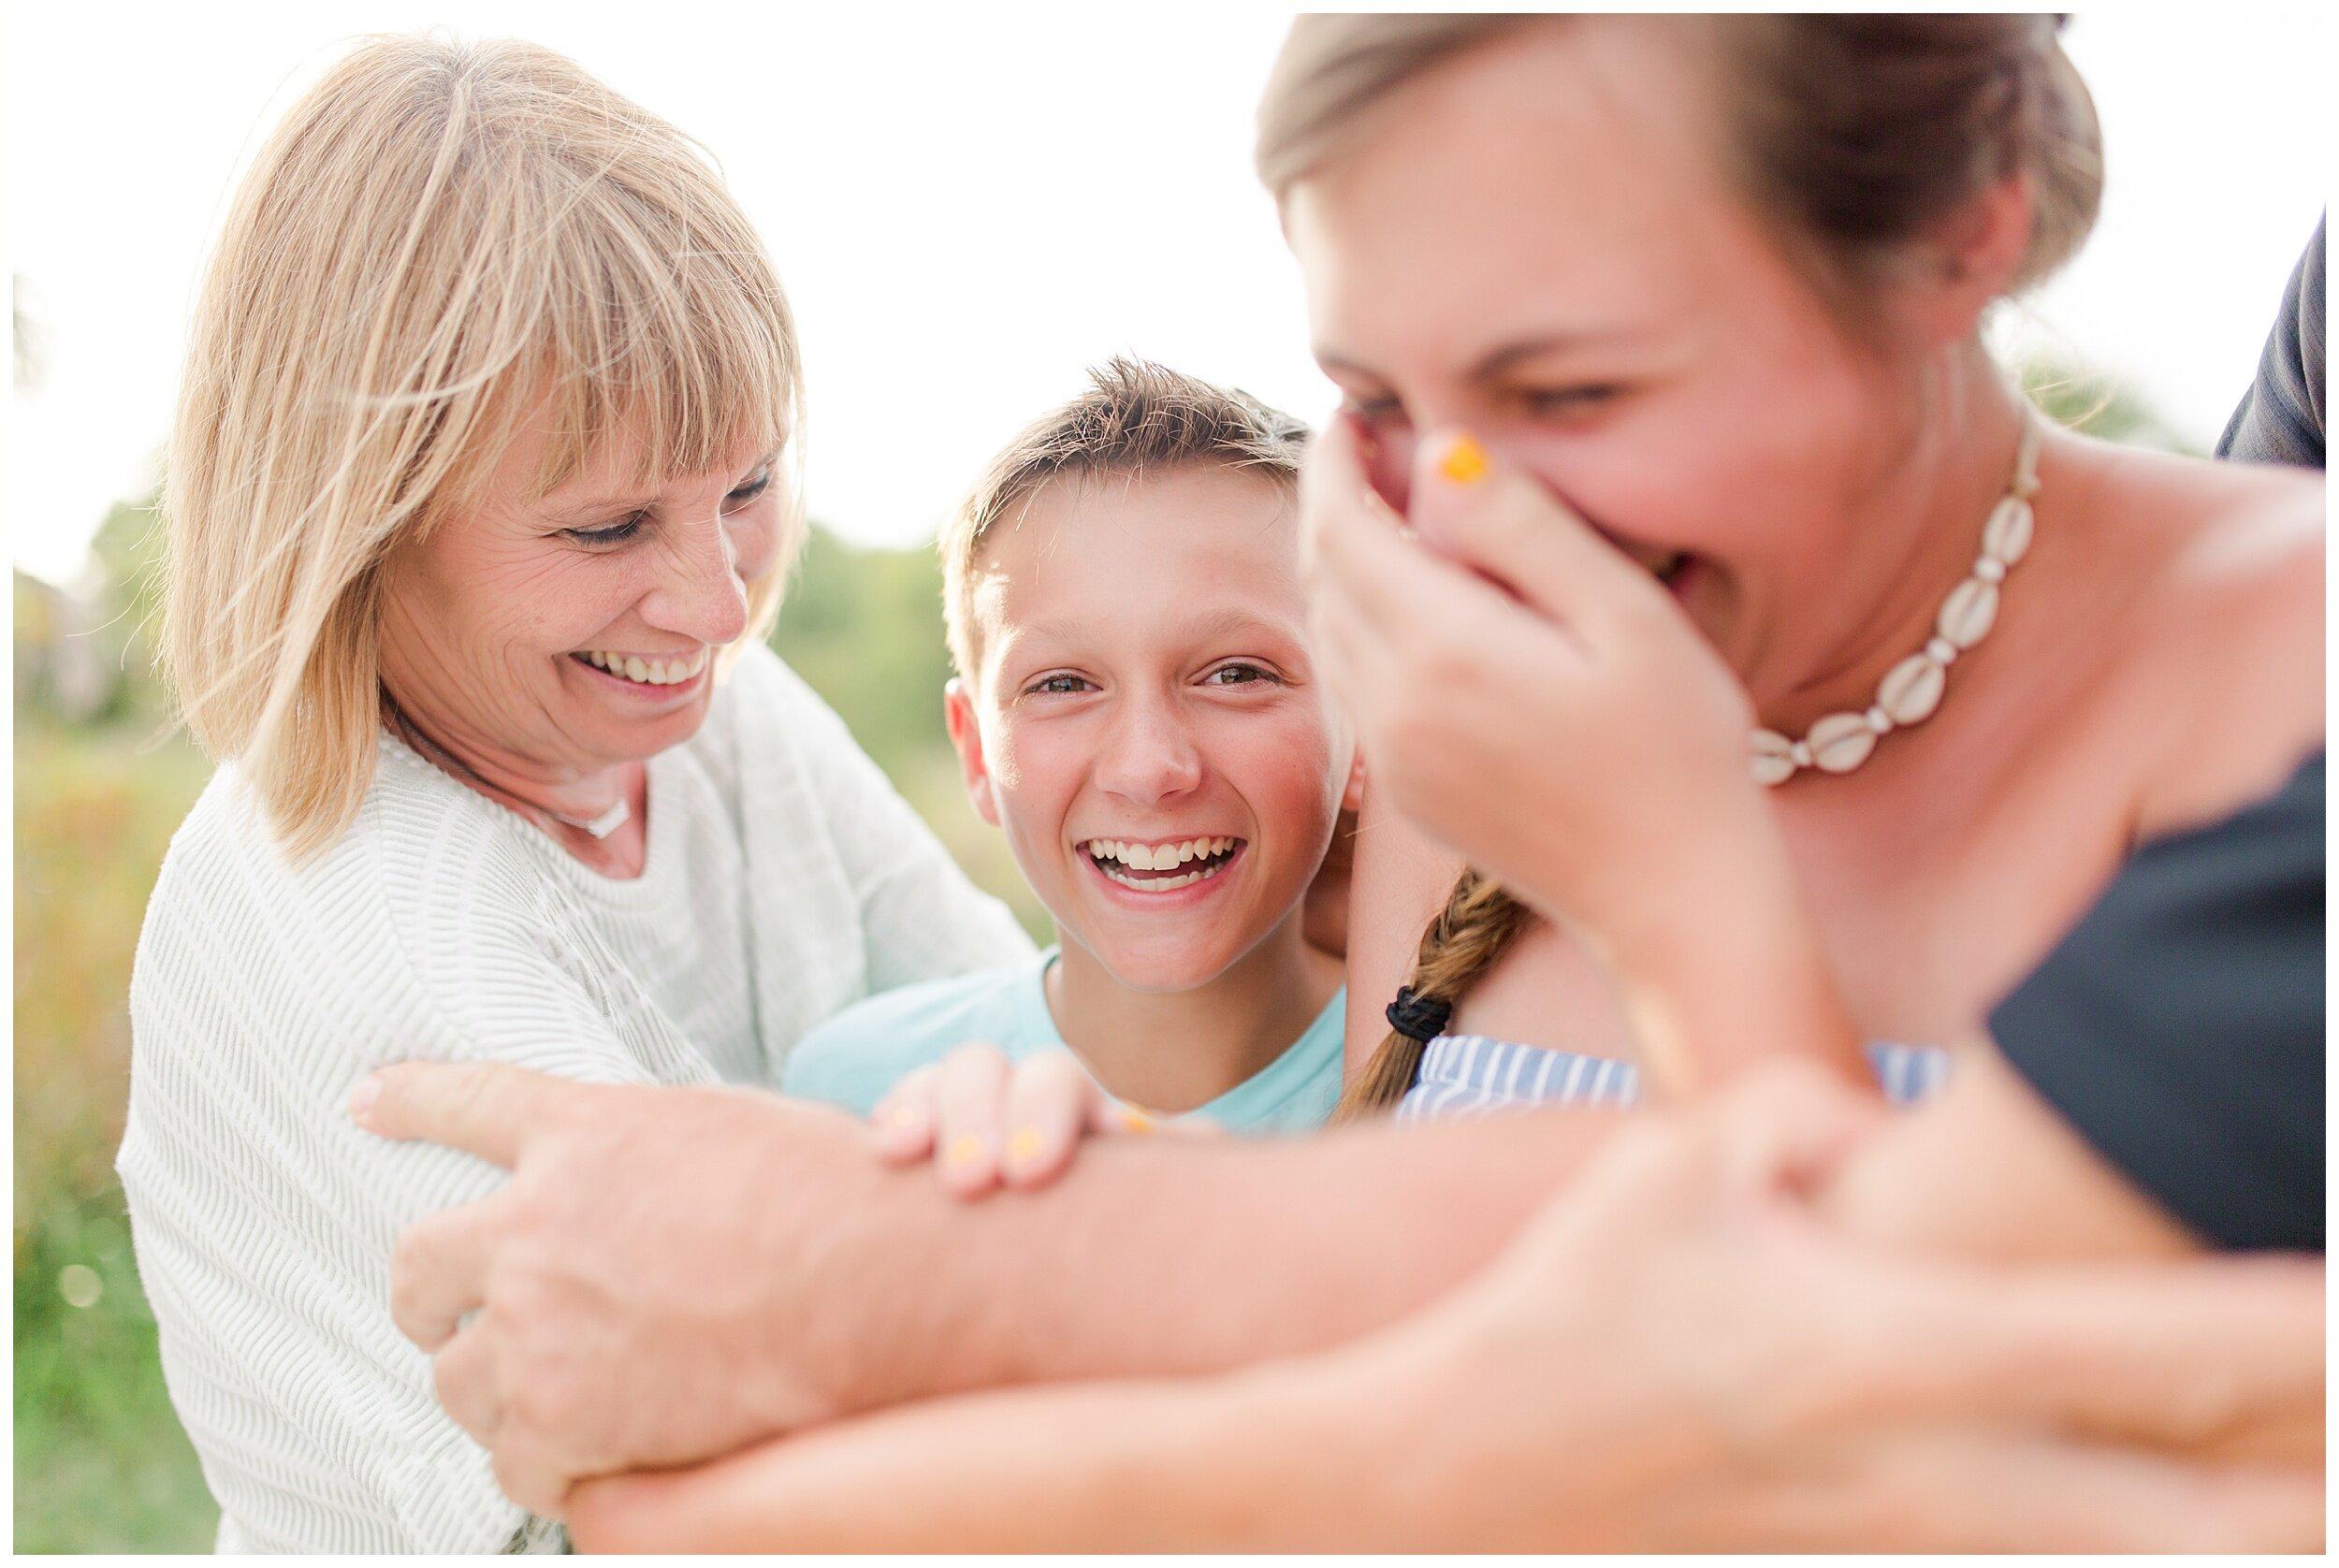 lexington-ky-family-lifestyle-photographer-priscilla-baierlein_1639.jpg